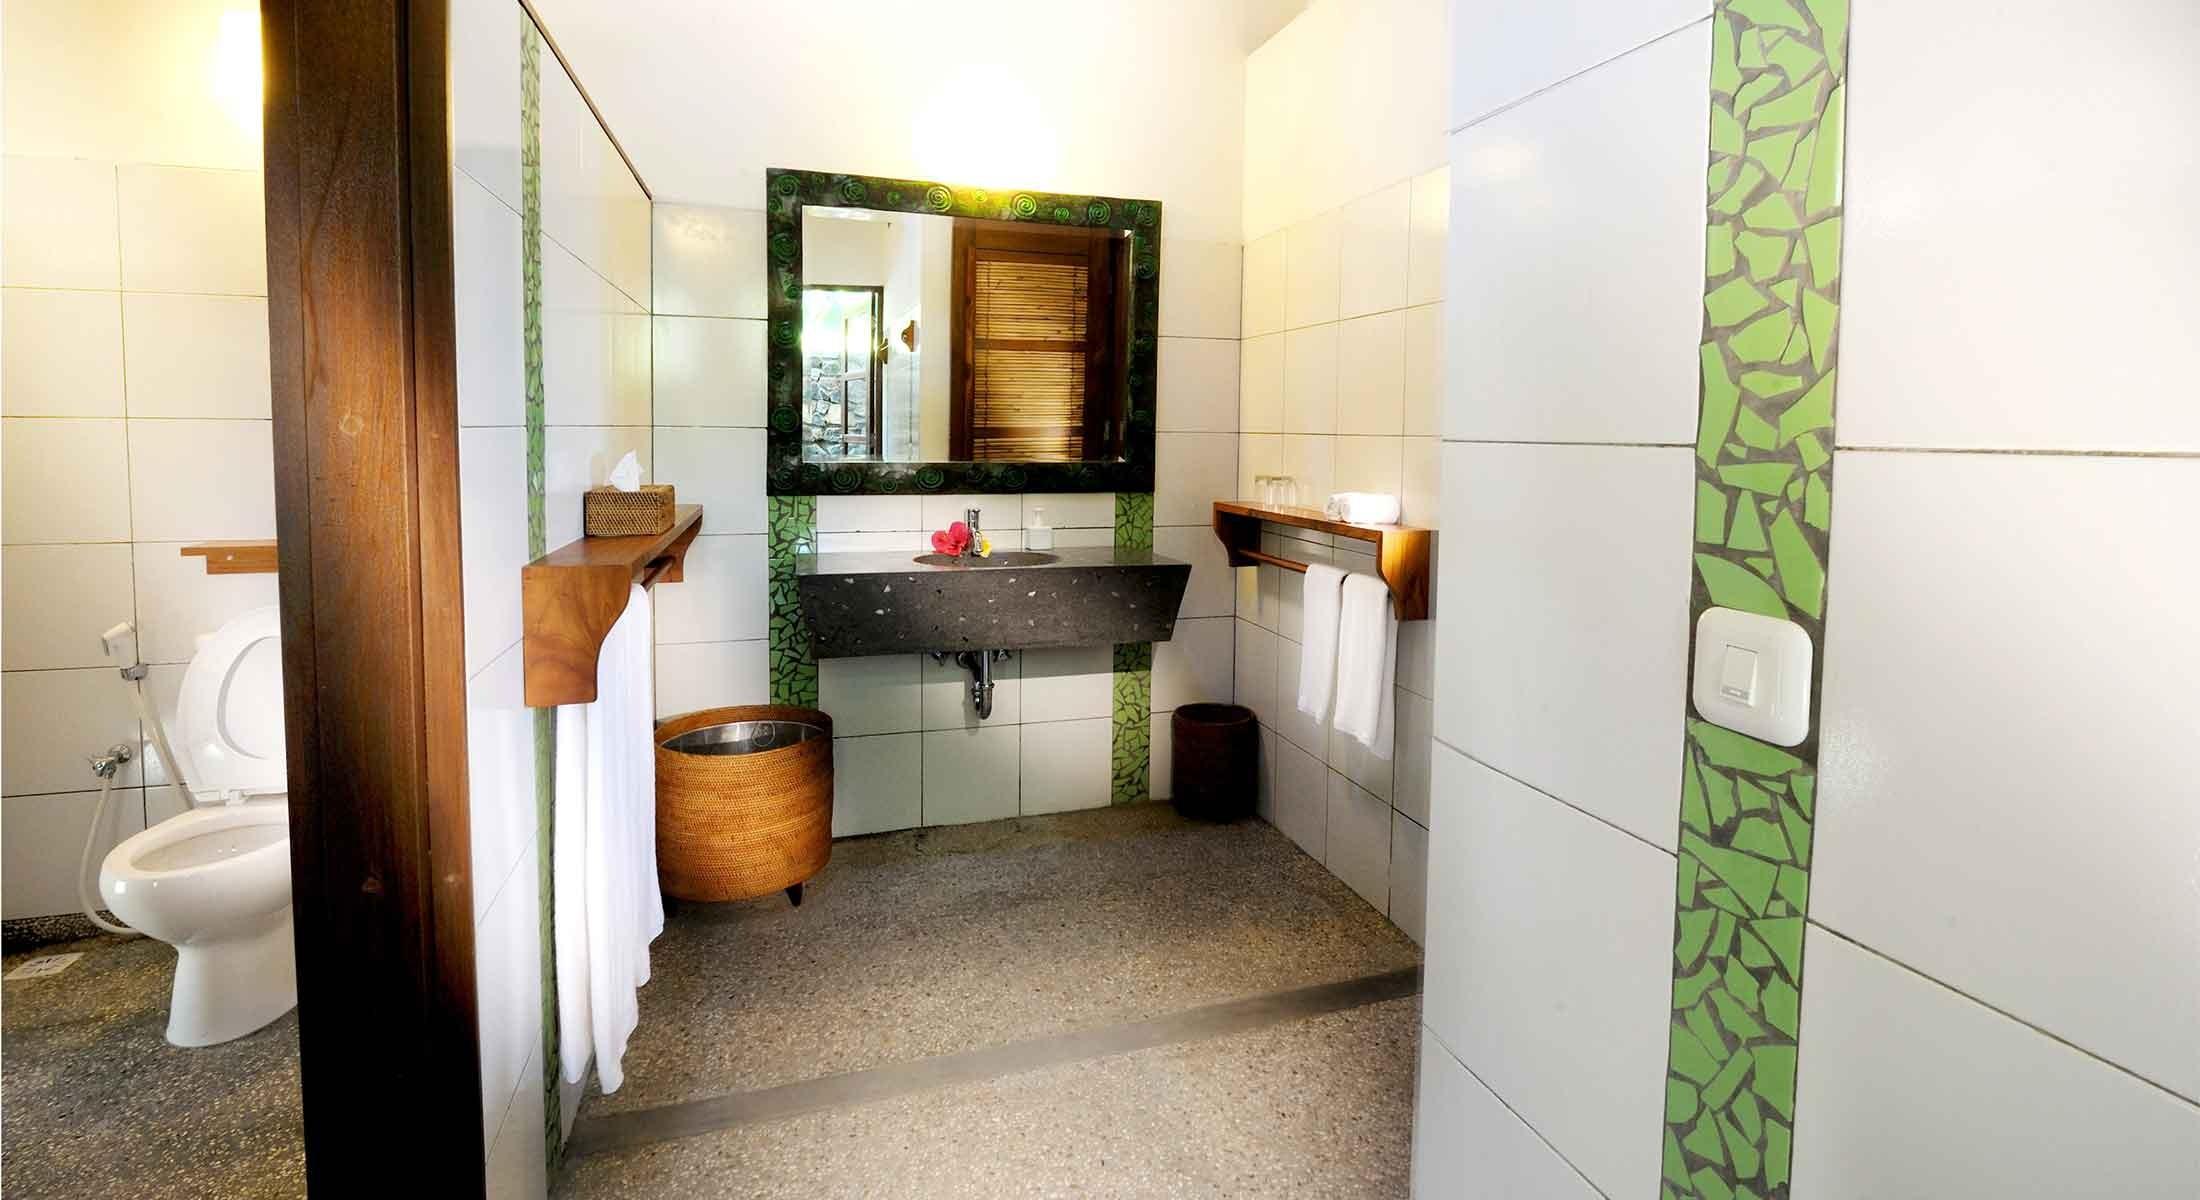 Garden-Room-Toilet-2200x1200